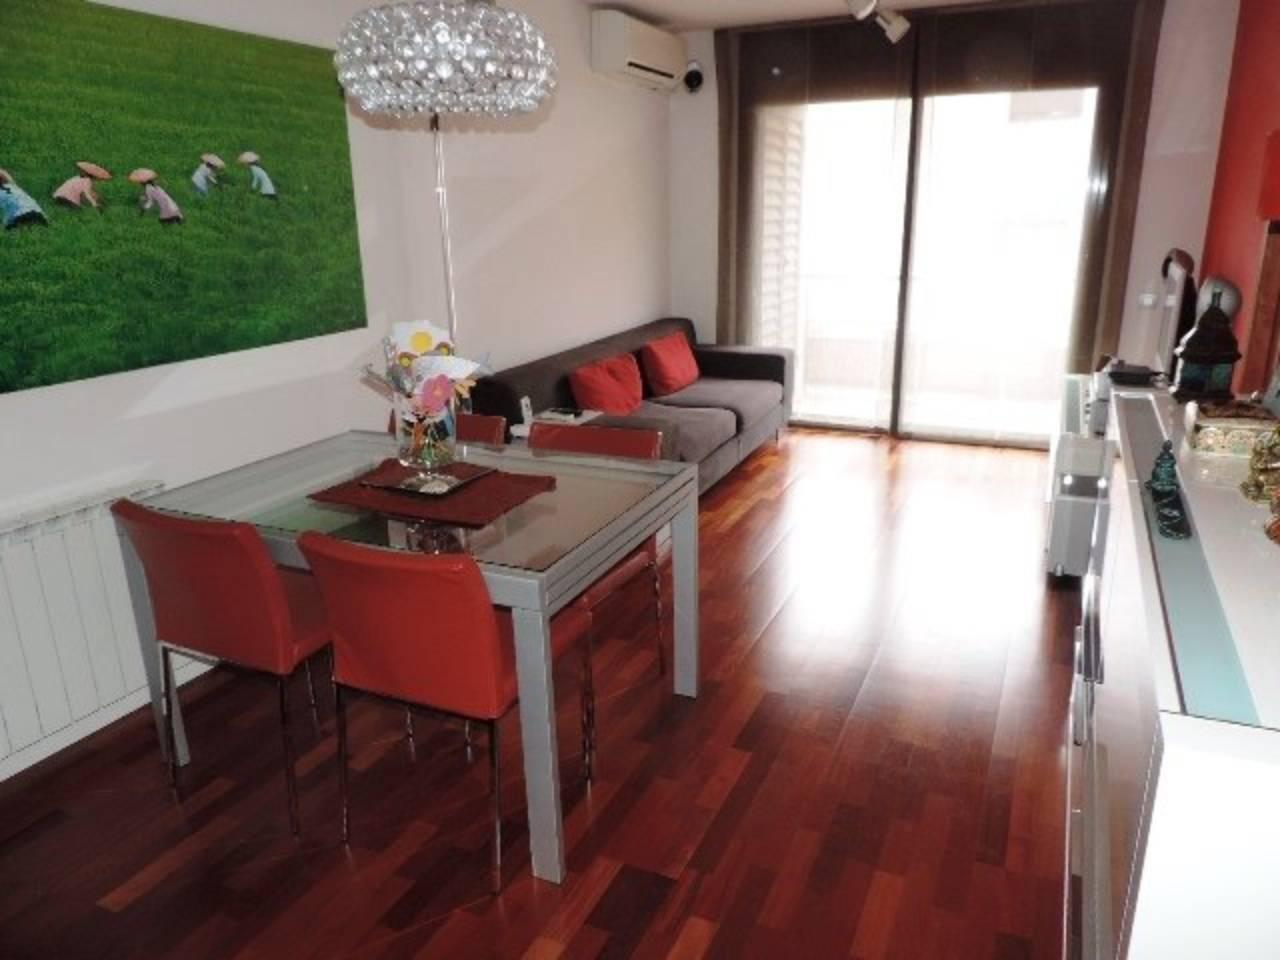 Pis  Vallromanes. Sup. 75 m²,  2 hab., 1 baño, cocina, comedor-salón, suelos parke